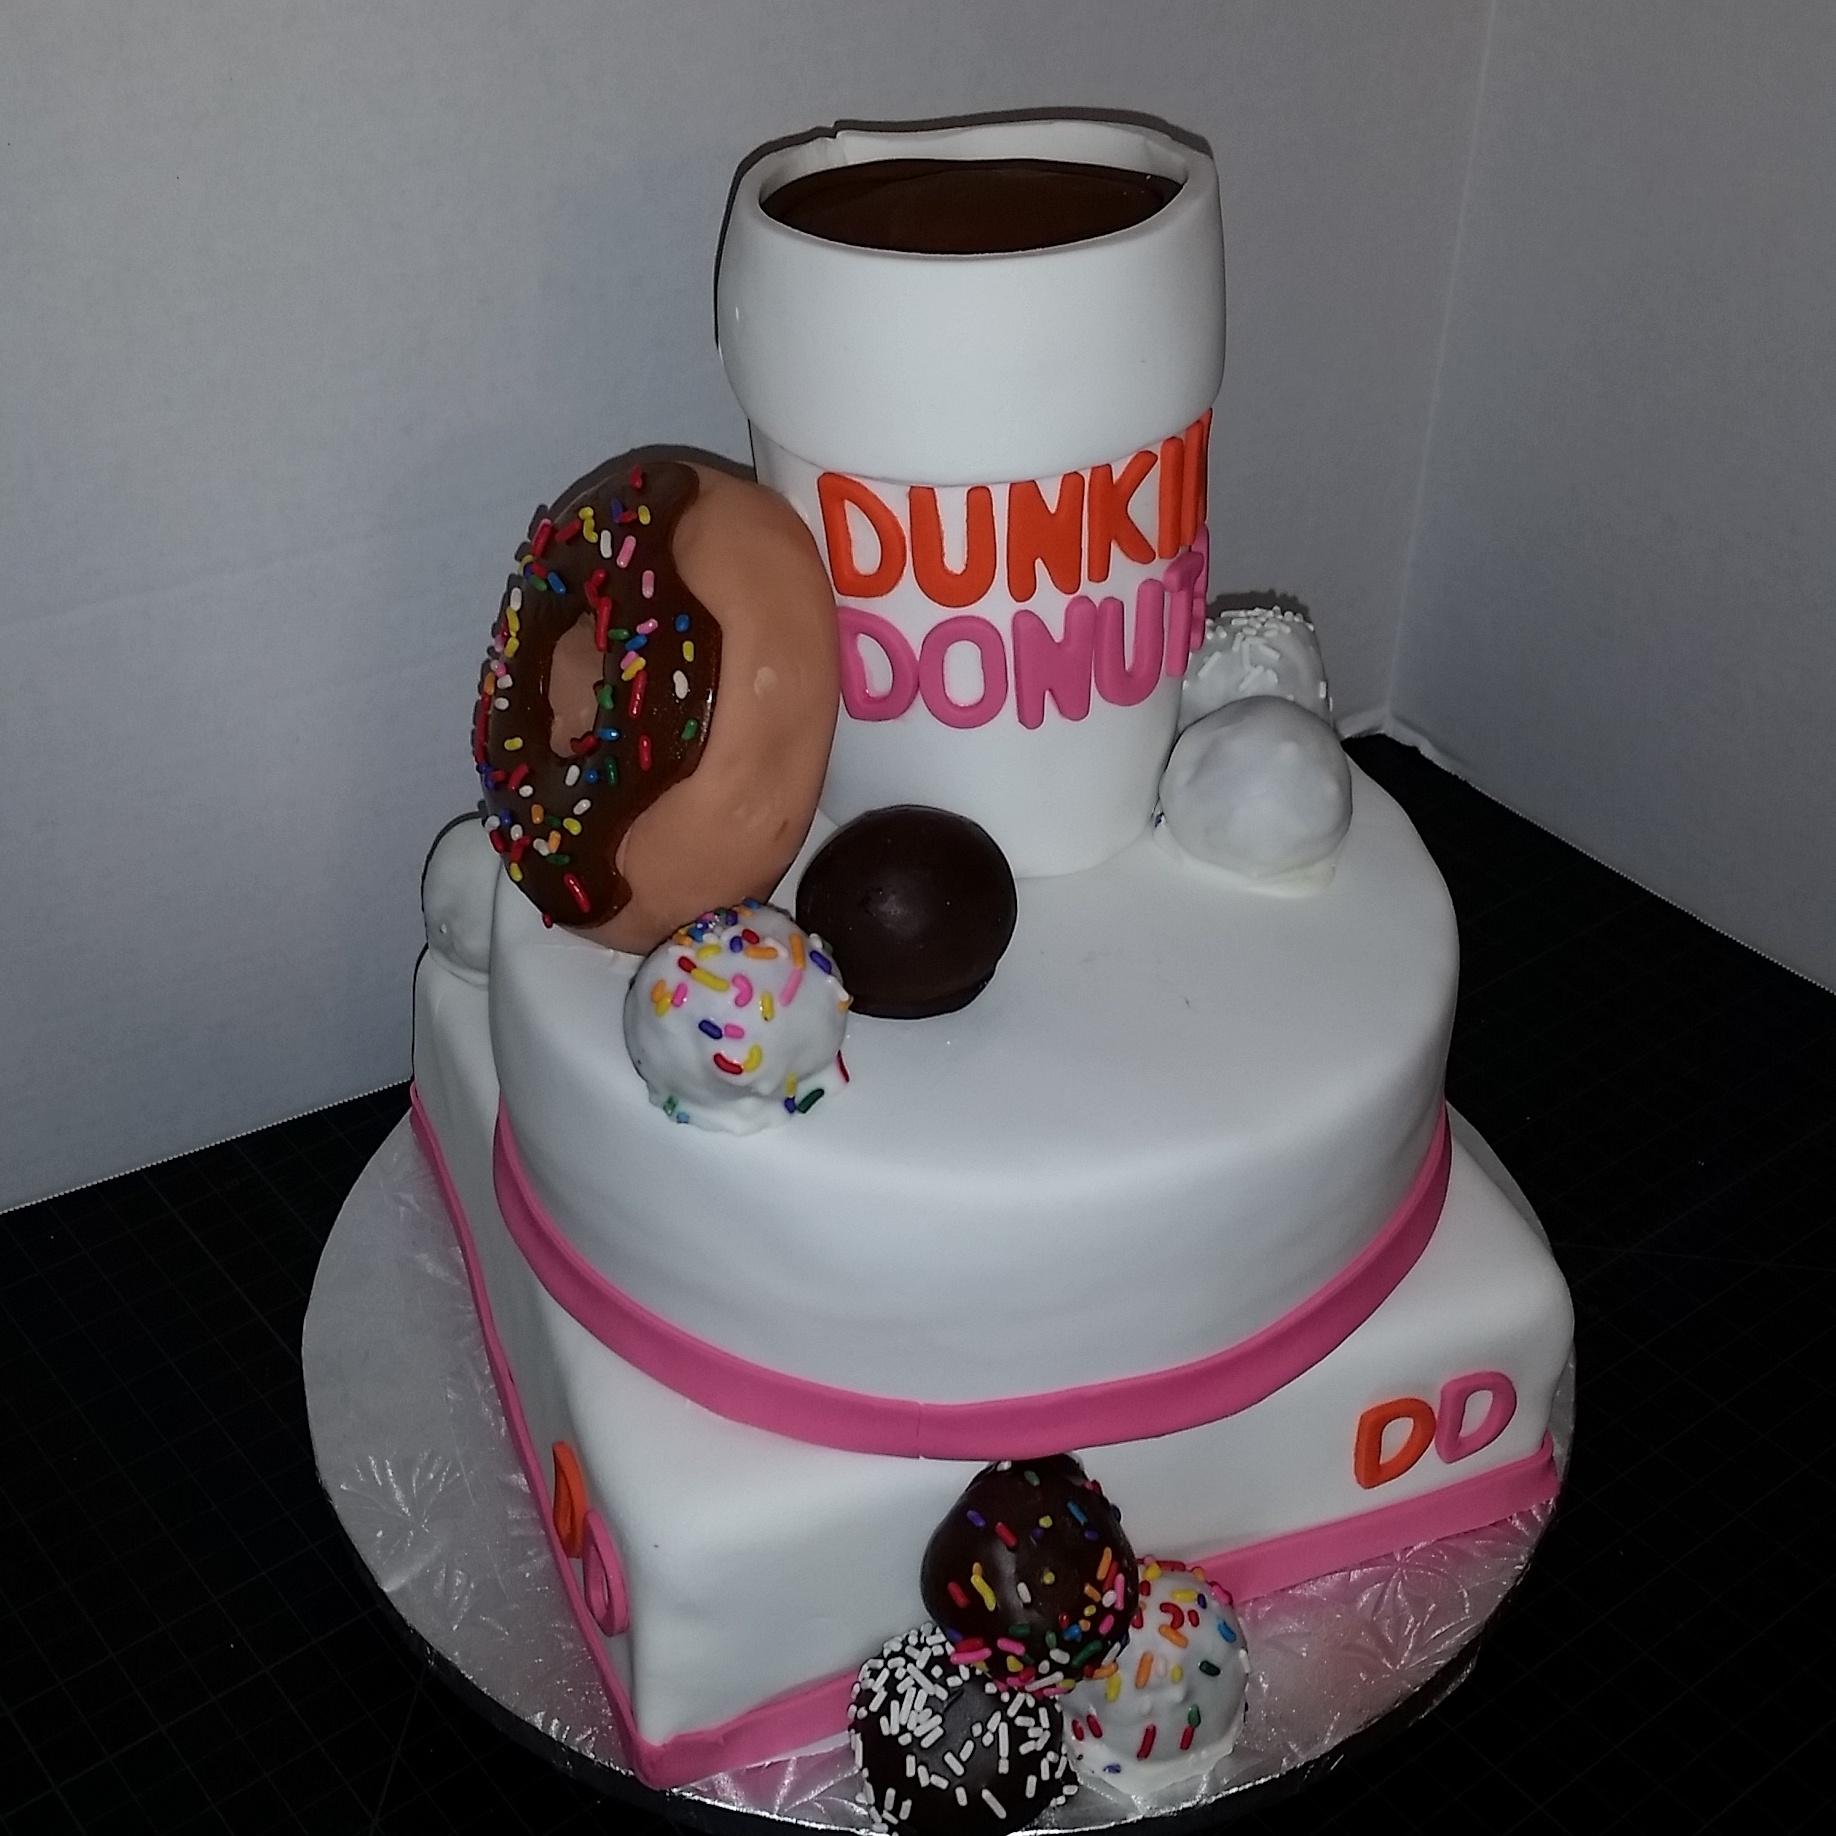 Dunkin Donuts Cake